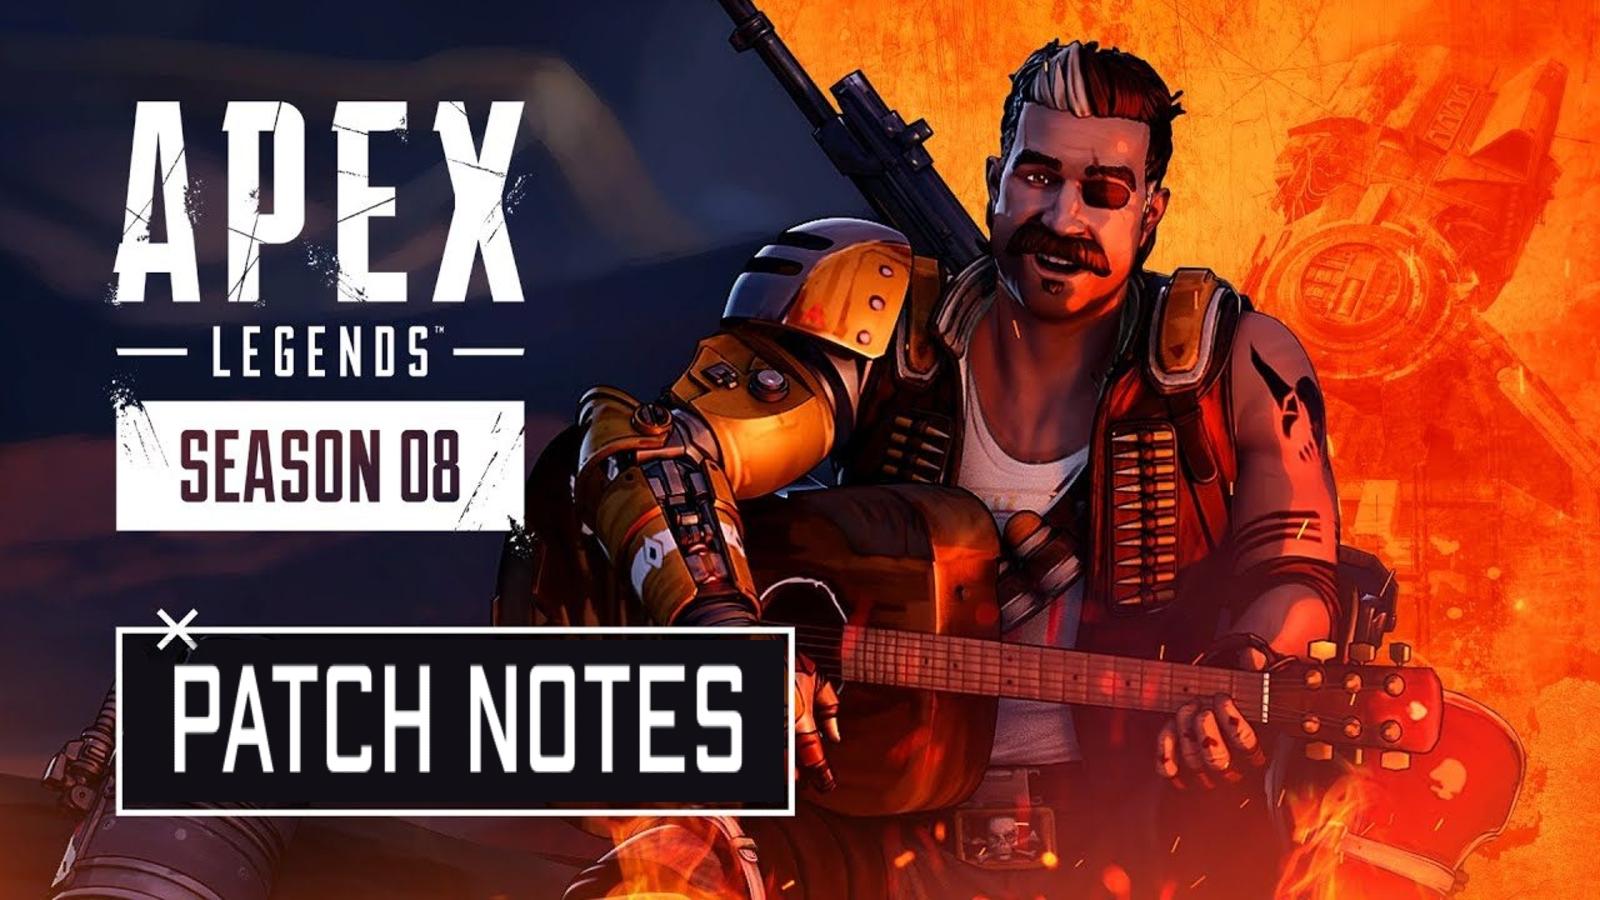 Apex Legends Season 8 Patch notes